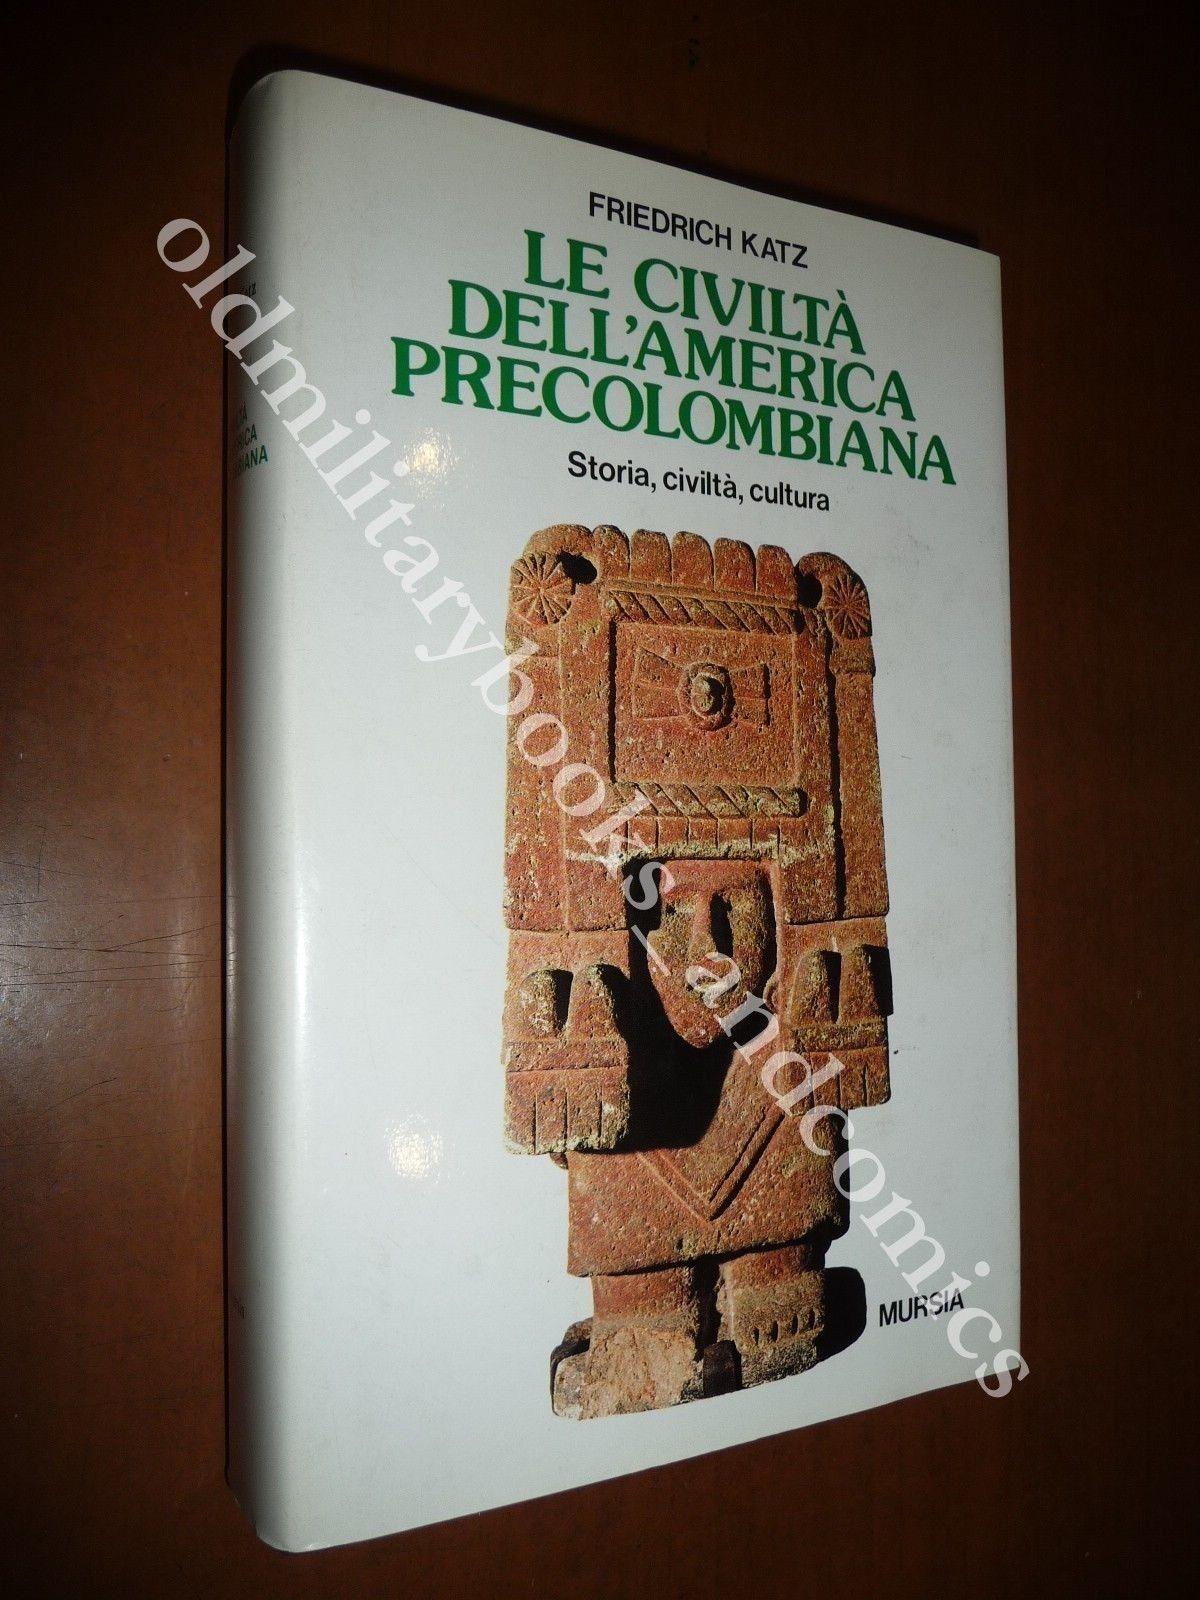 LE CIVILTA' DELL'AMERICA PRECOLOMBIANA FRIEDRICH KATZ 1985 STORIA ANTROPOLOGIA